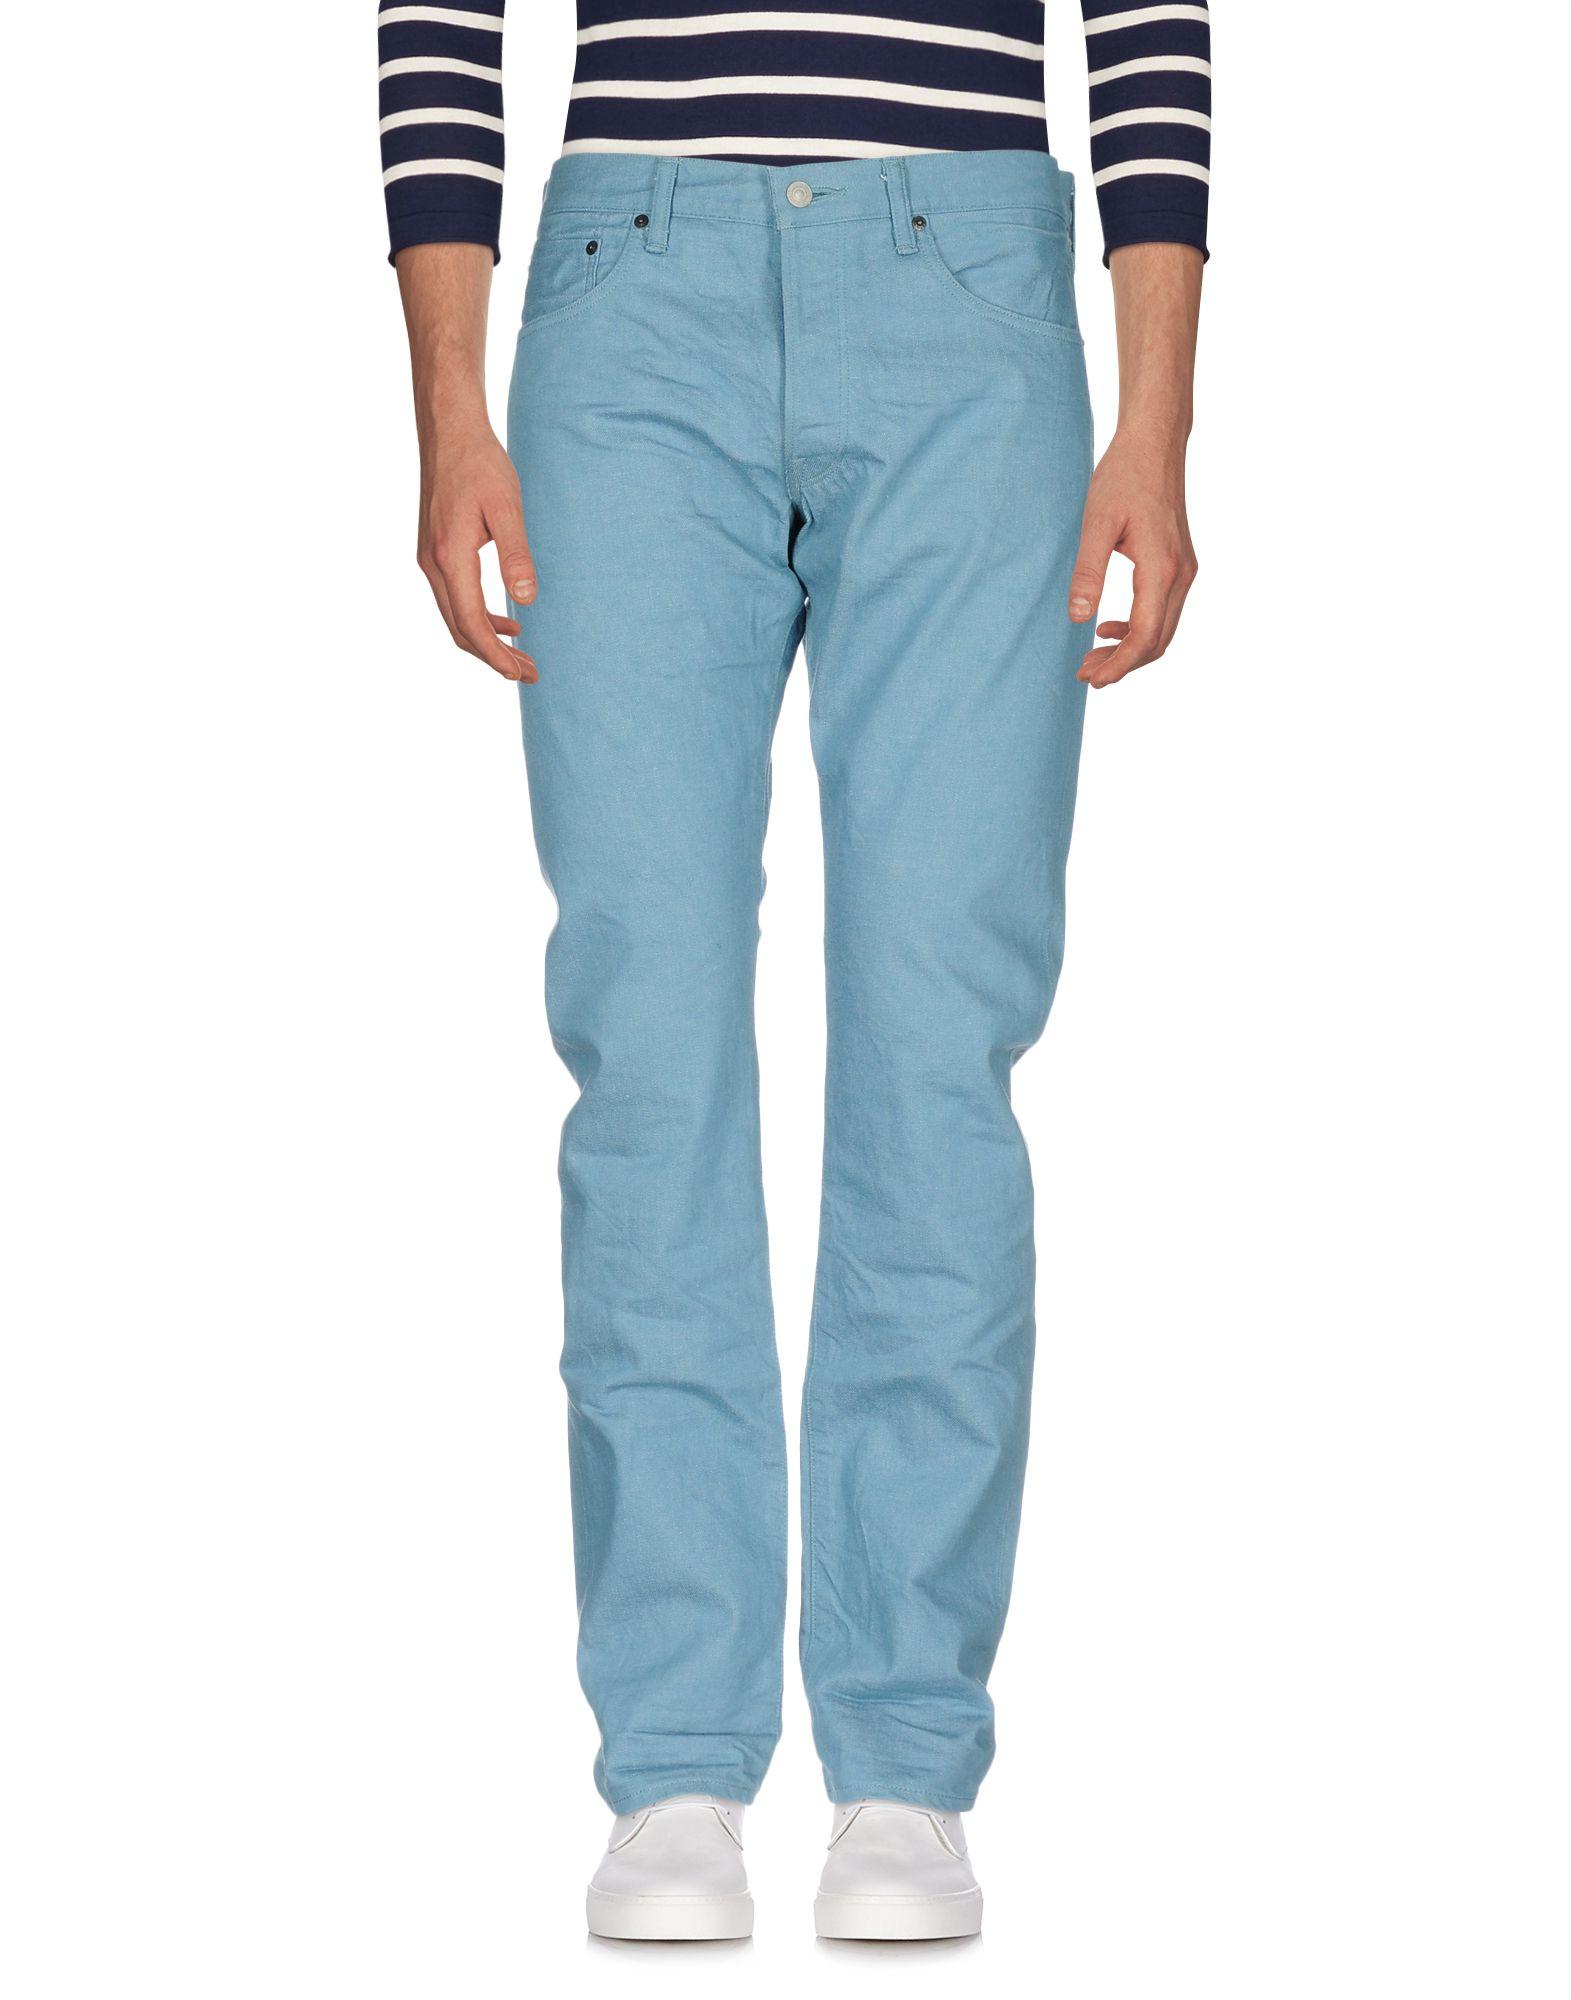 Pantaloni Jeans Fabric-Brand & Co. Donna - Acquista online su